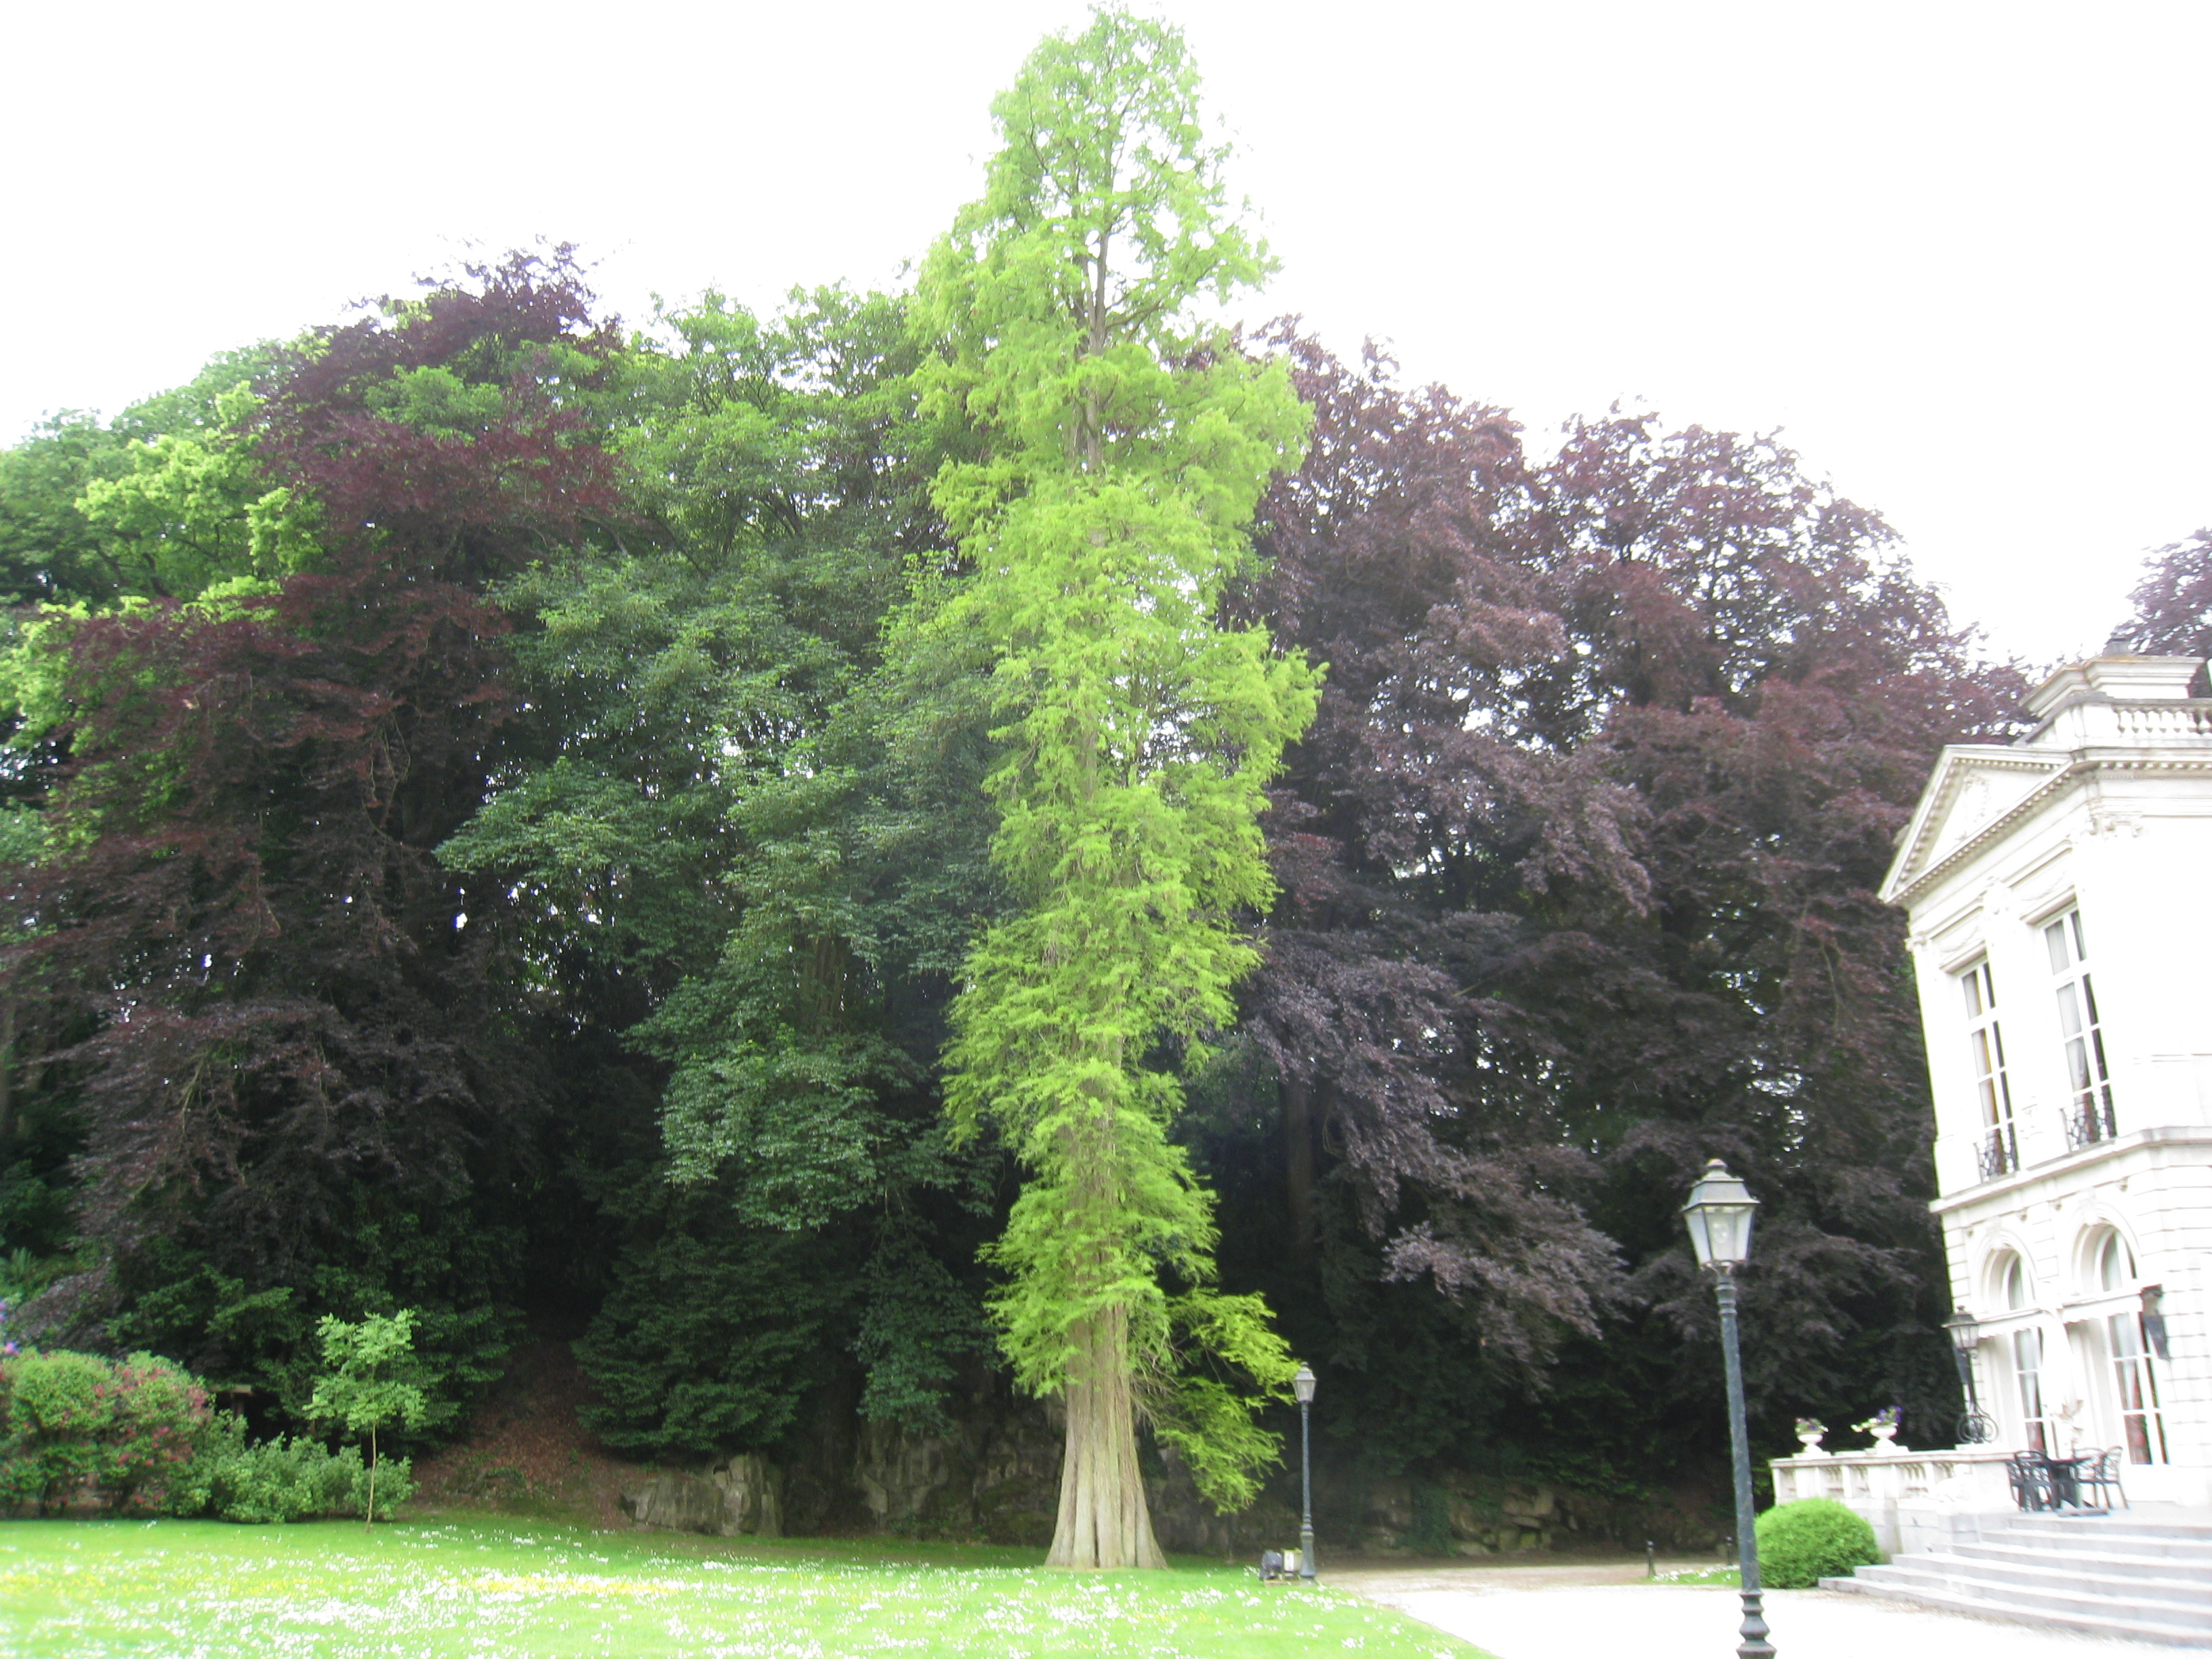 Cyprès chauve de Louisiane – Auderghem, Parc du château Sainte Anne, Rue du Vieux Moulin, 103 –  12 Juin 2013